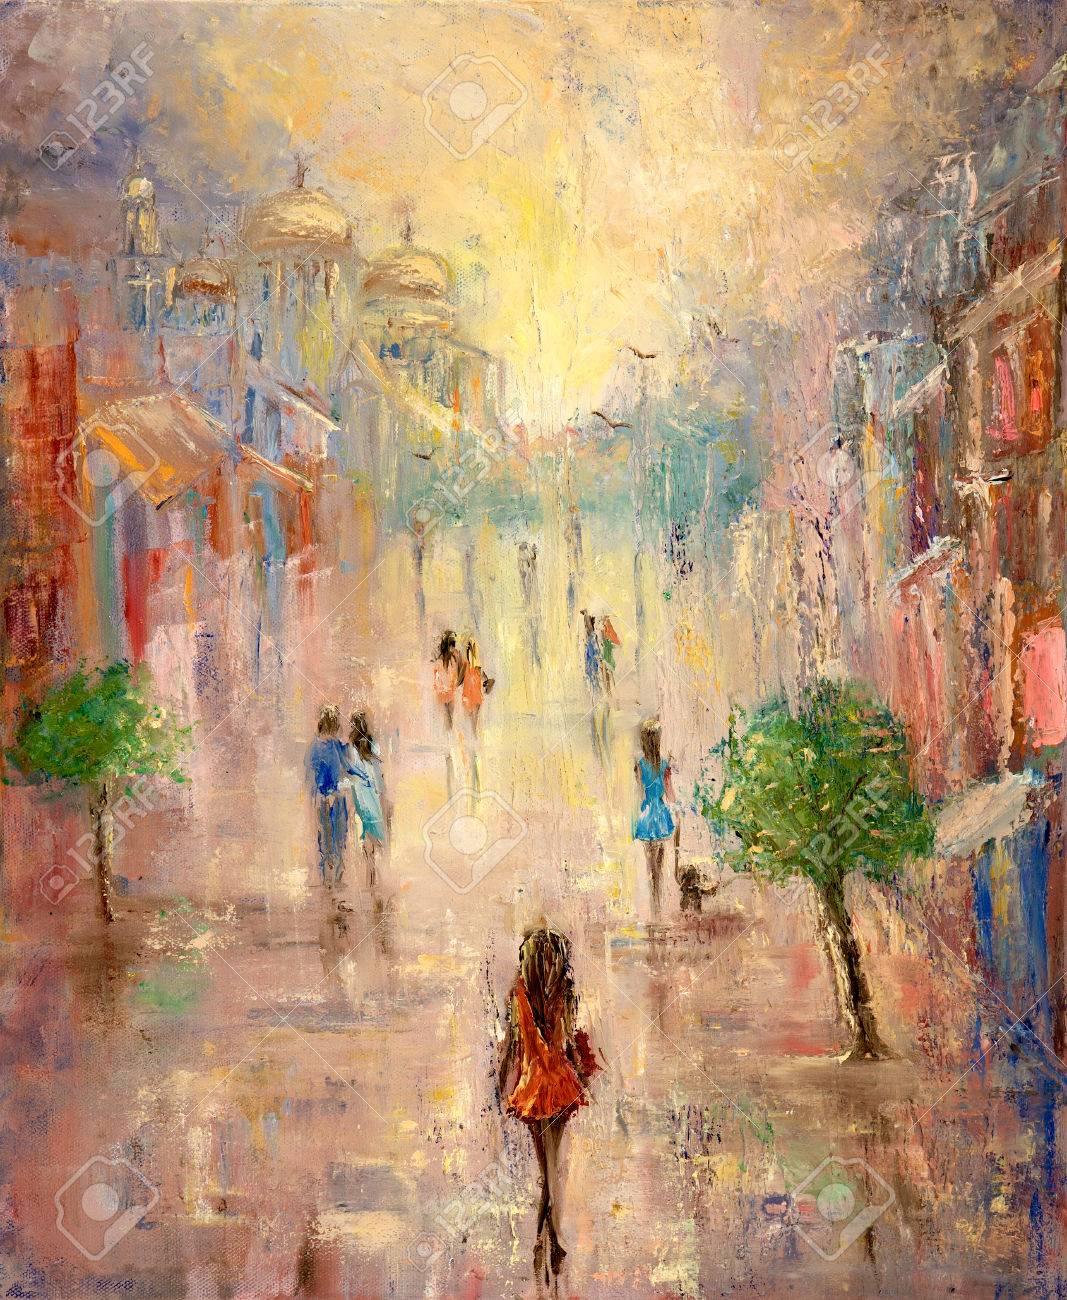 Abstrakte Malerei Von Menschen Auf Canvas Modern Impressionismus